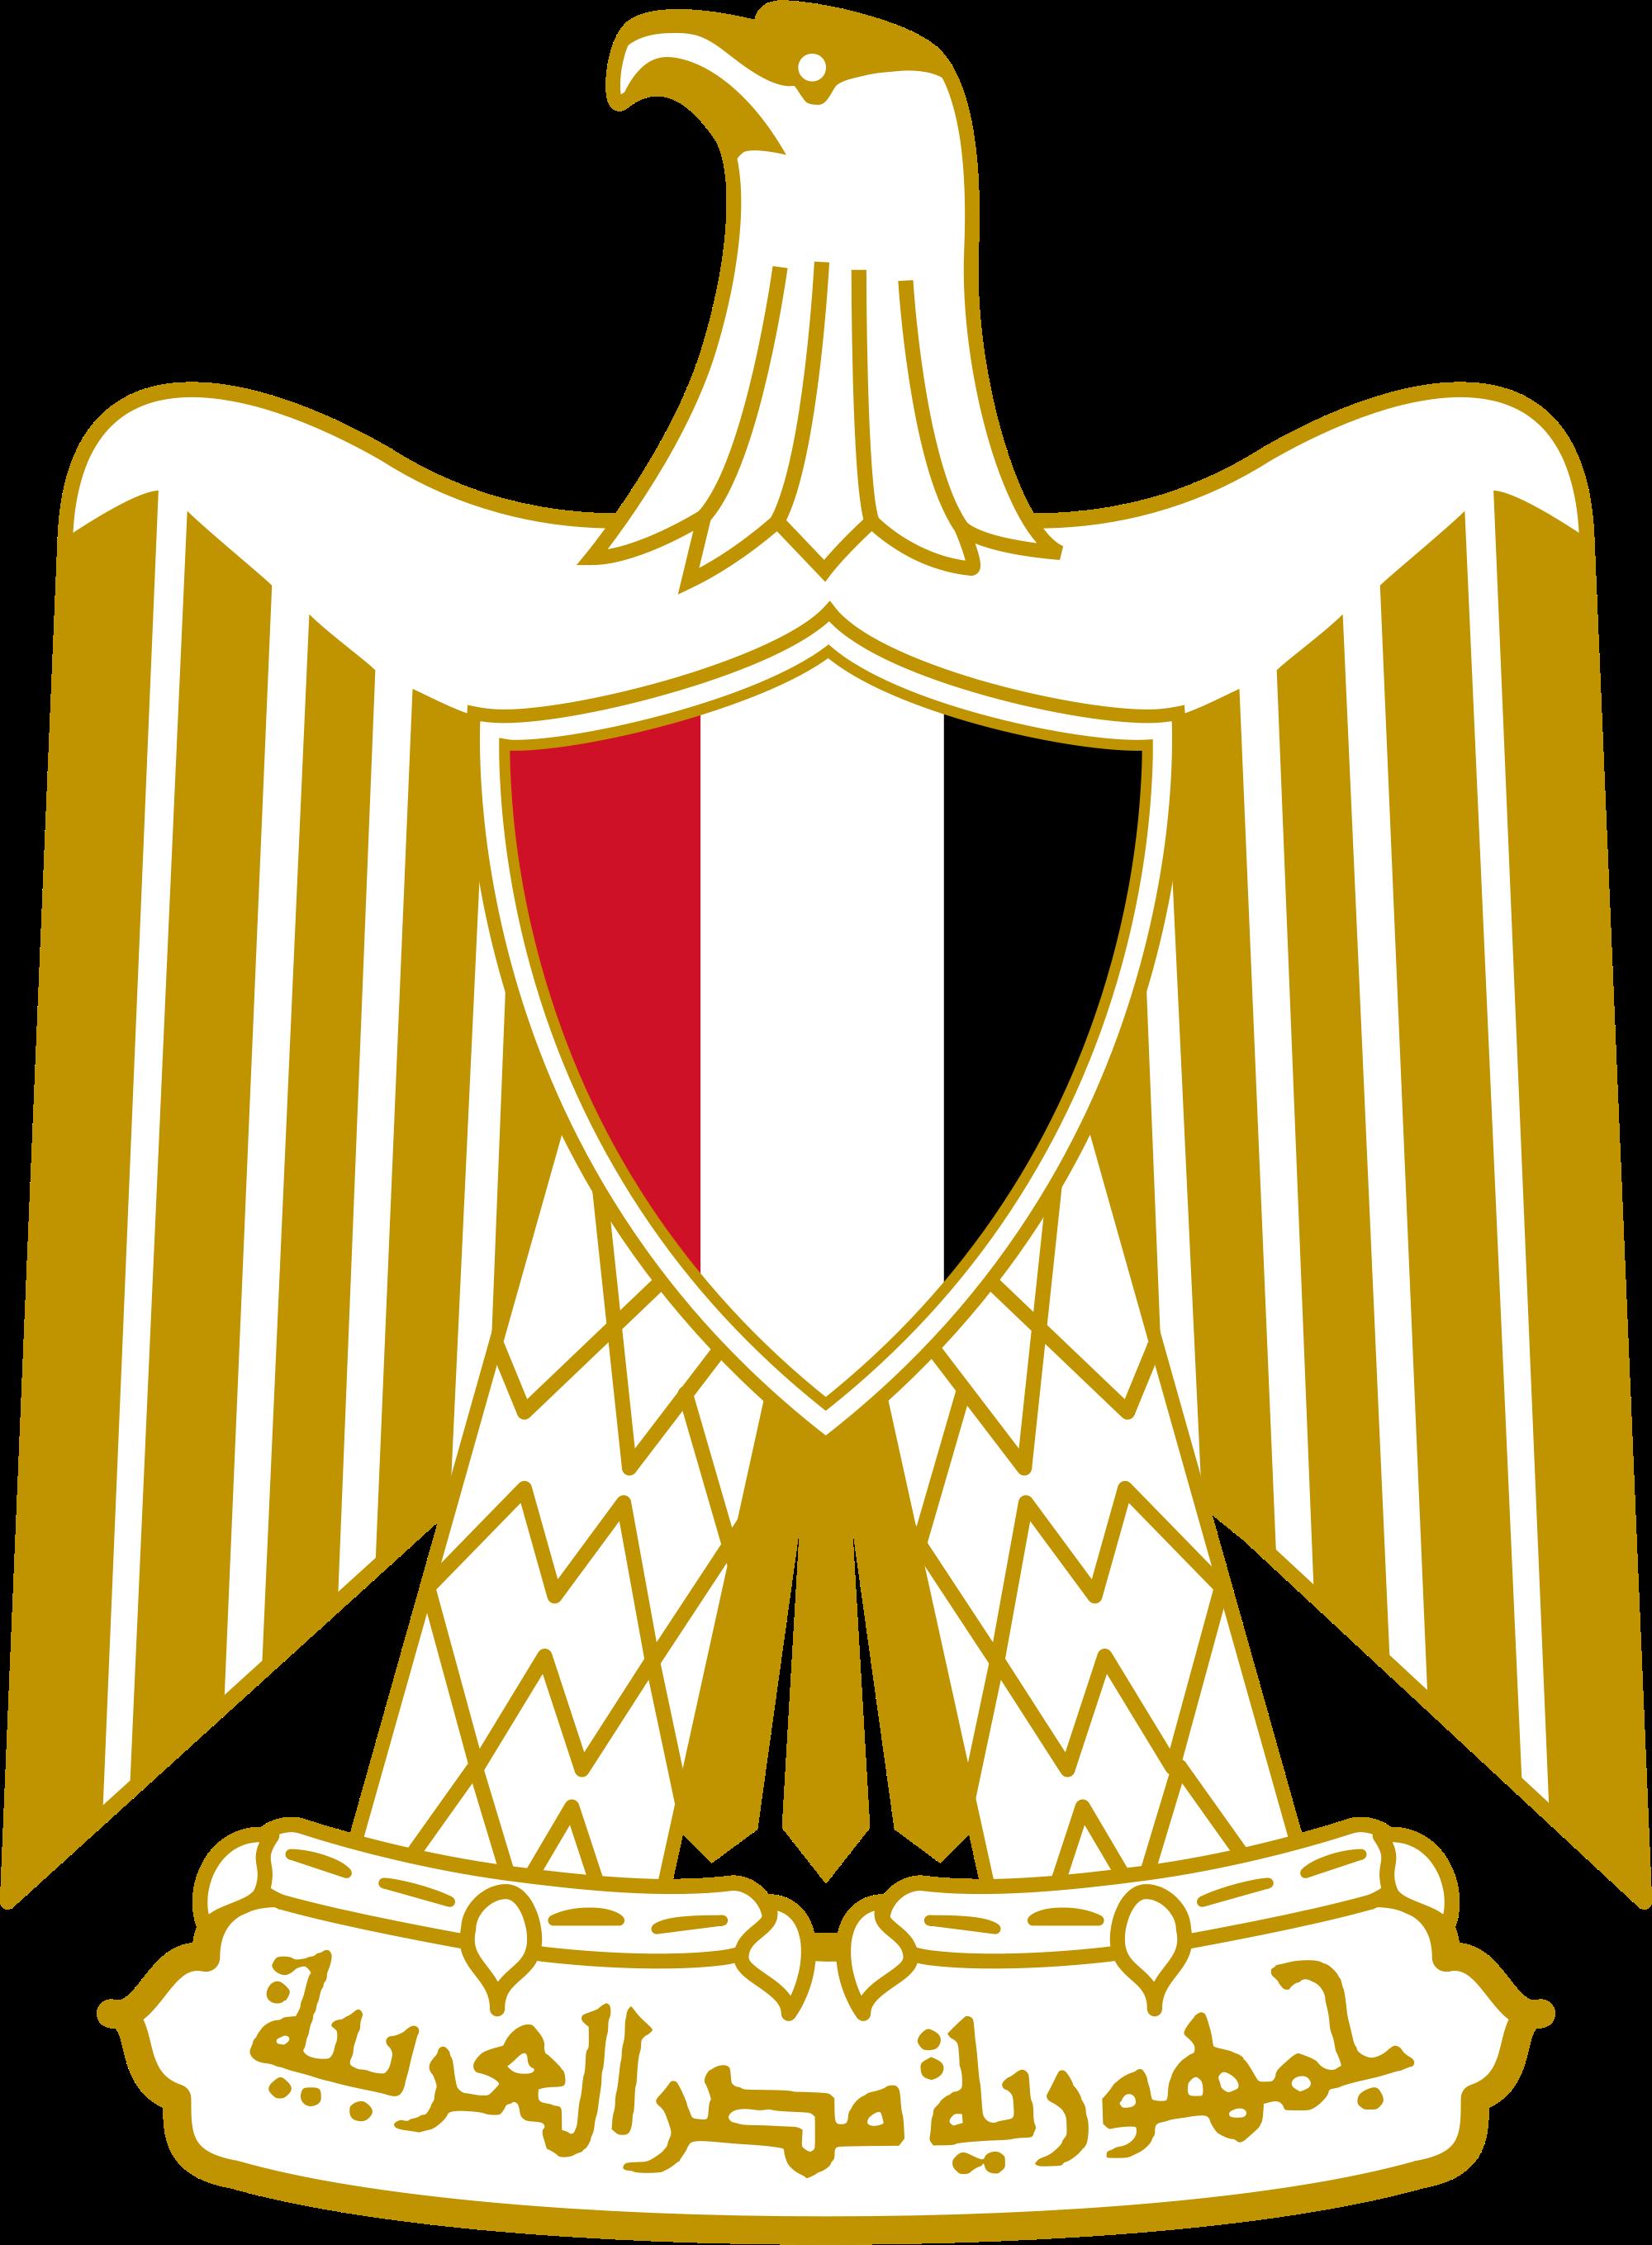 egypt Online Application Form For Egypt Visa on italy schengen, b1 b2, ds-260 immigrant, enter japan sample,